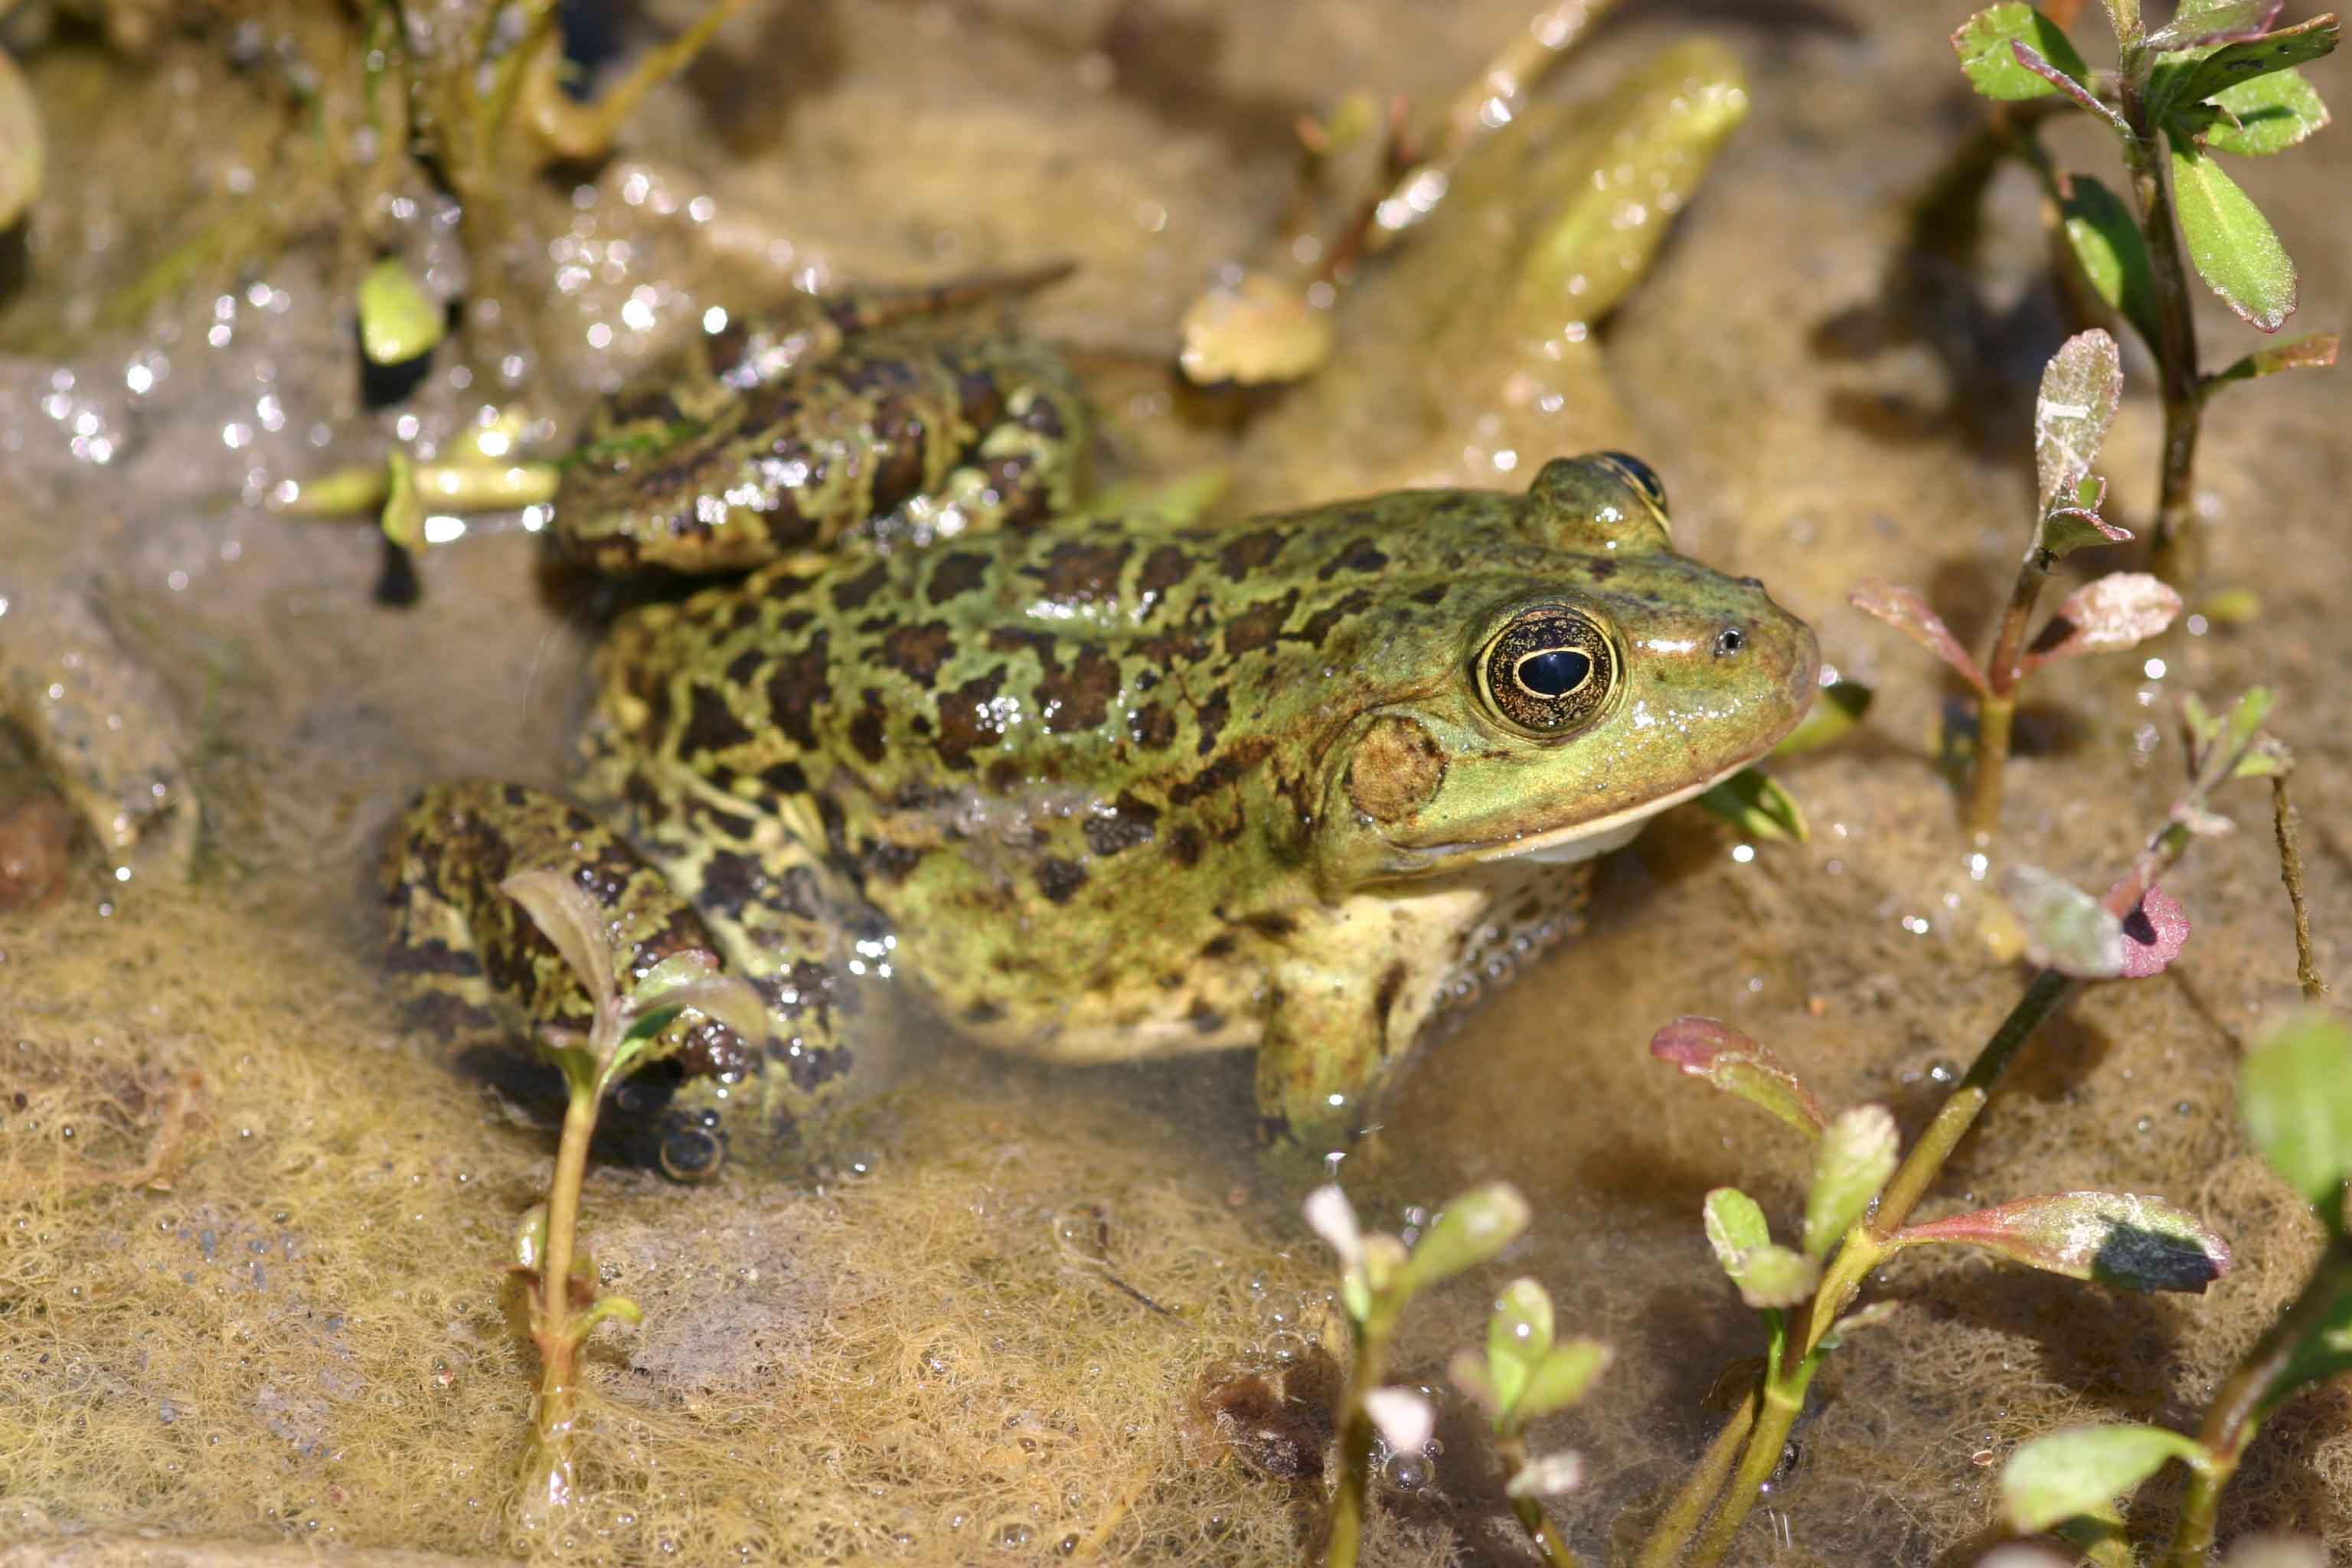 Marsh frog (Rana ridibunda) the most common amphibian on Corfu